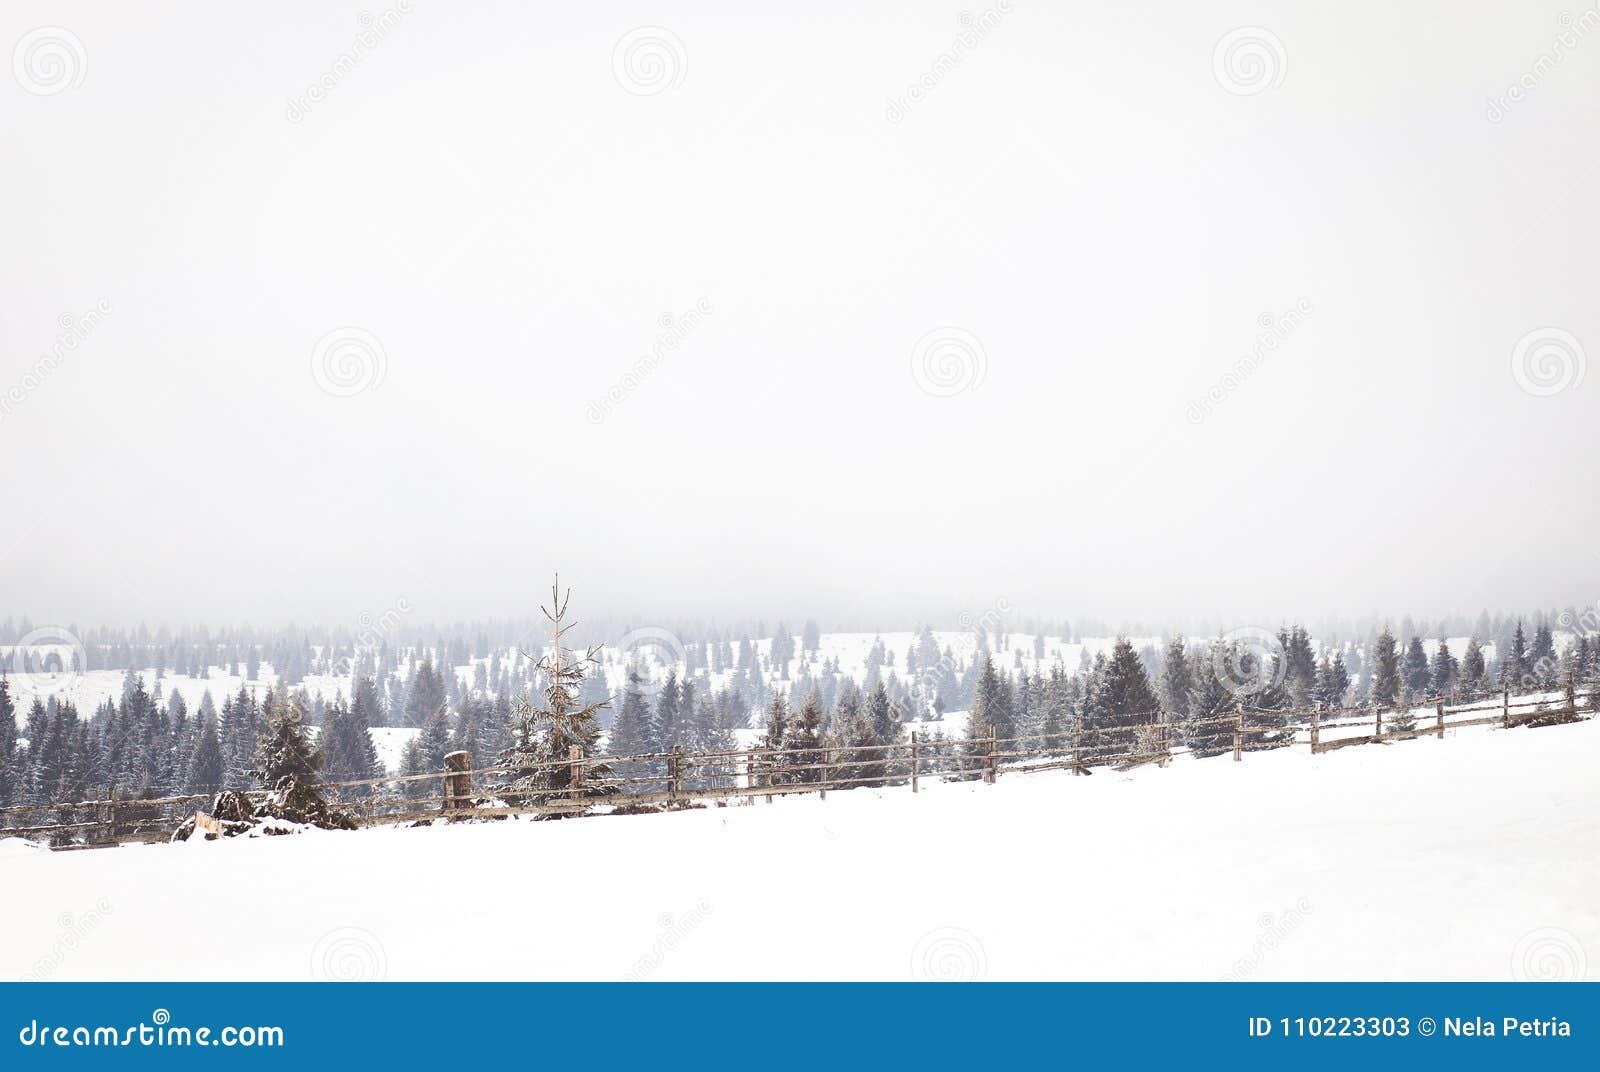 冬天妙境风景,多雪的杉树背景